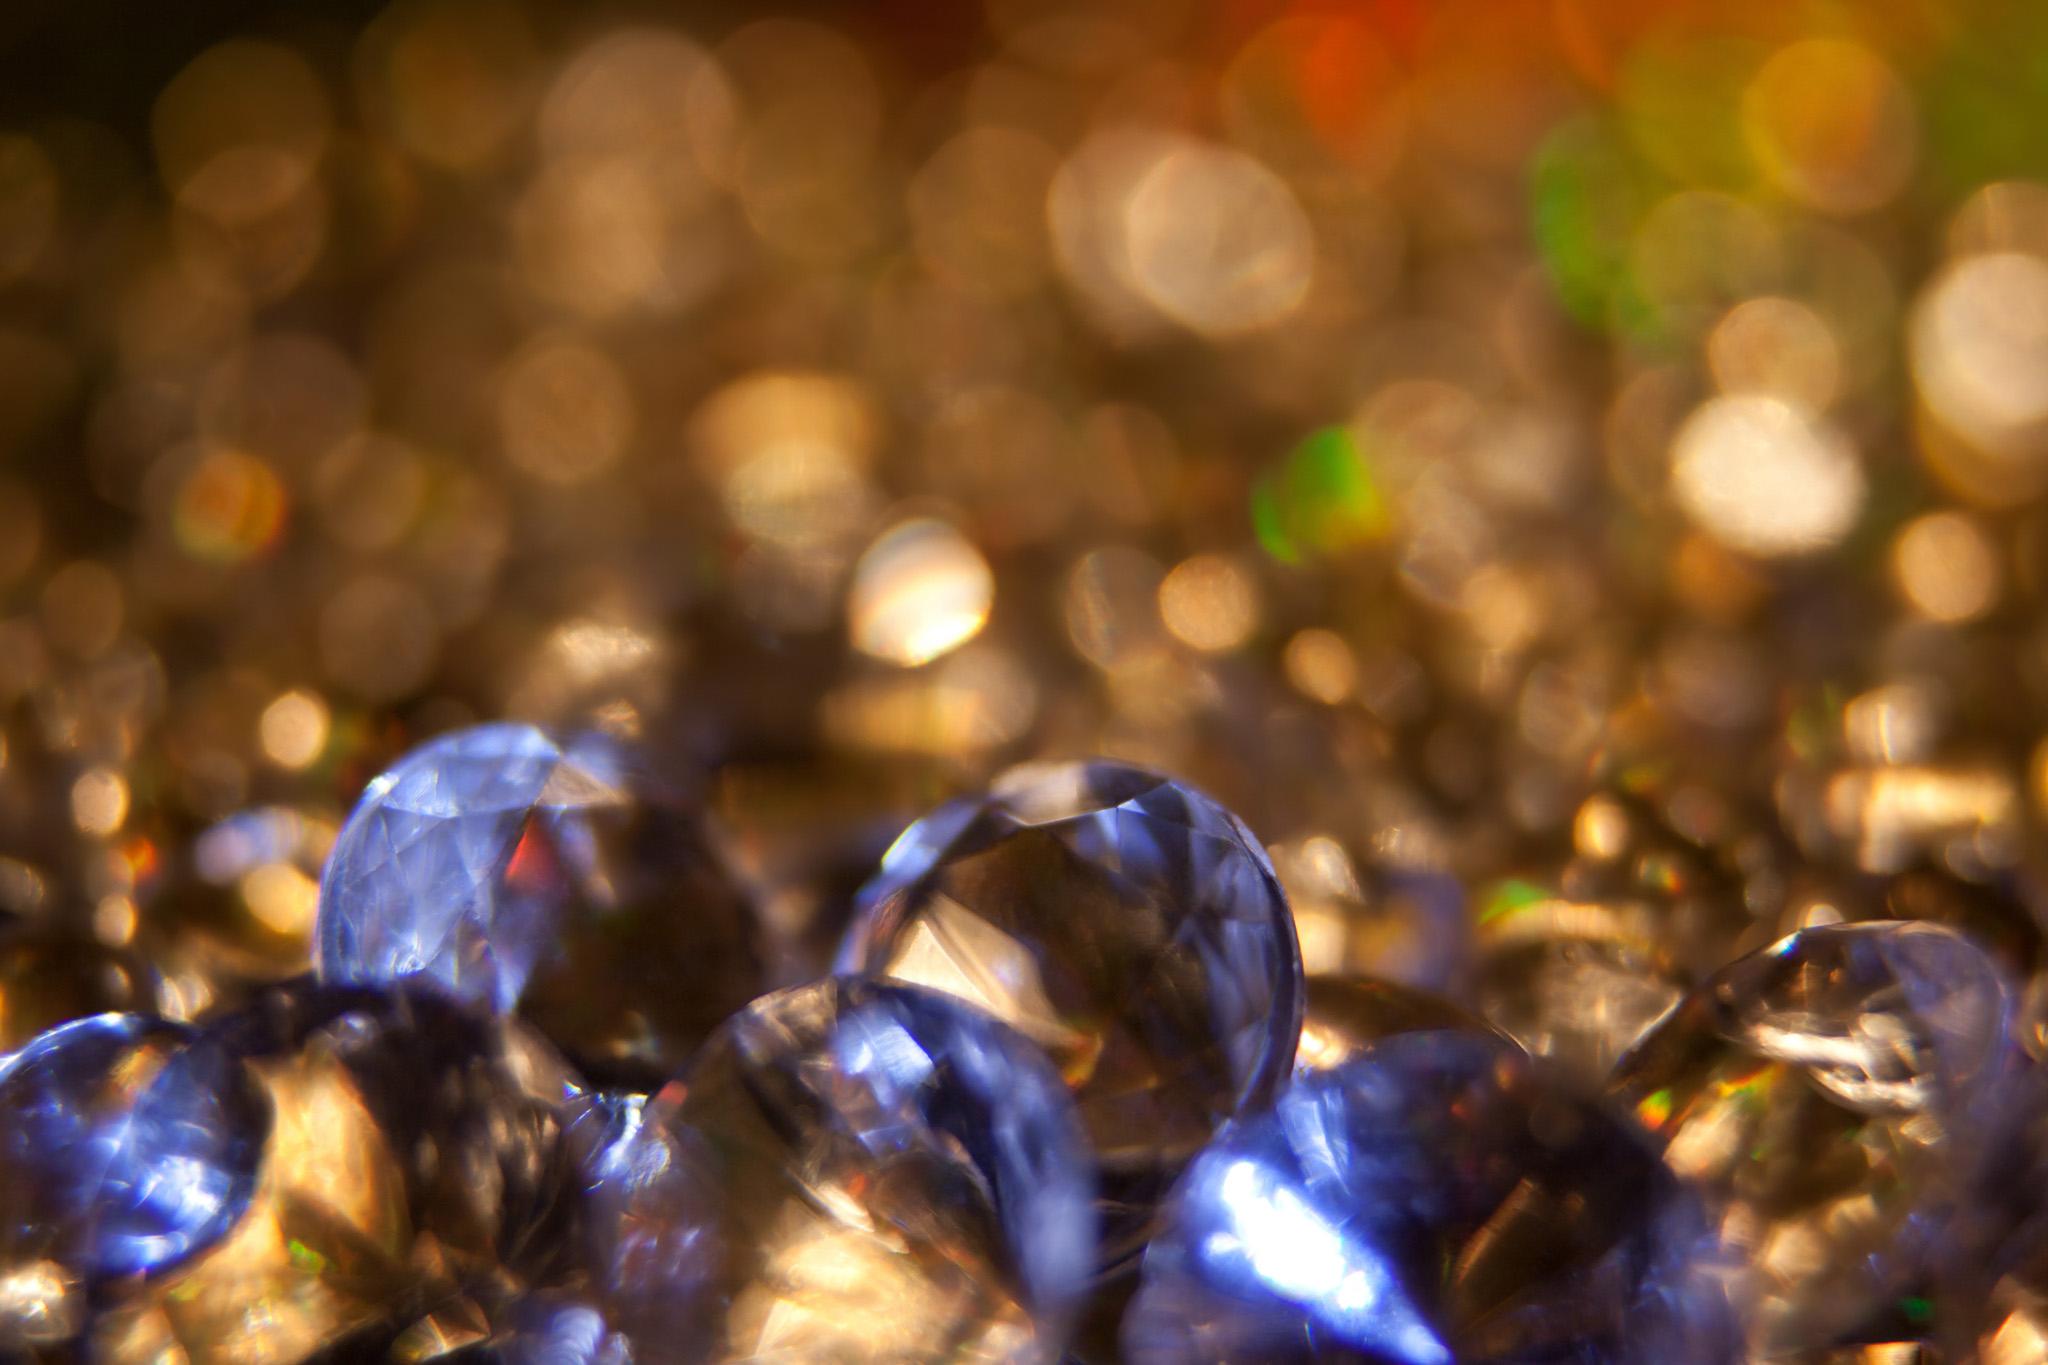 「青い光を反射する宝石」